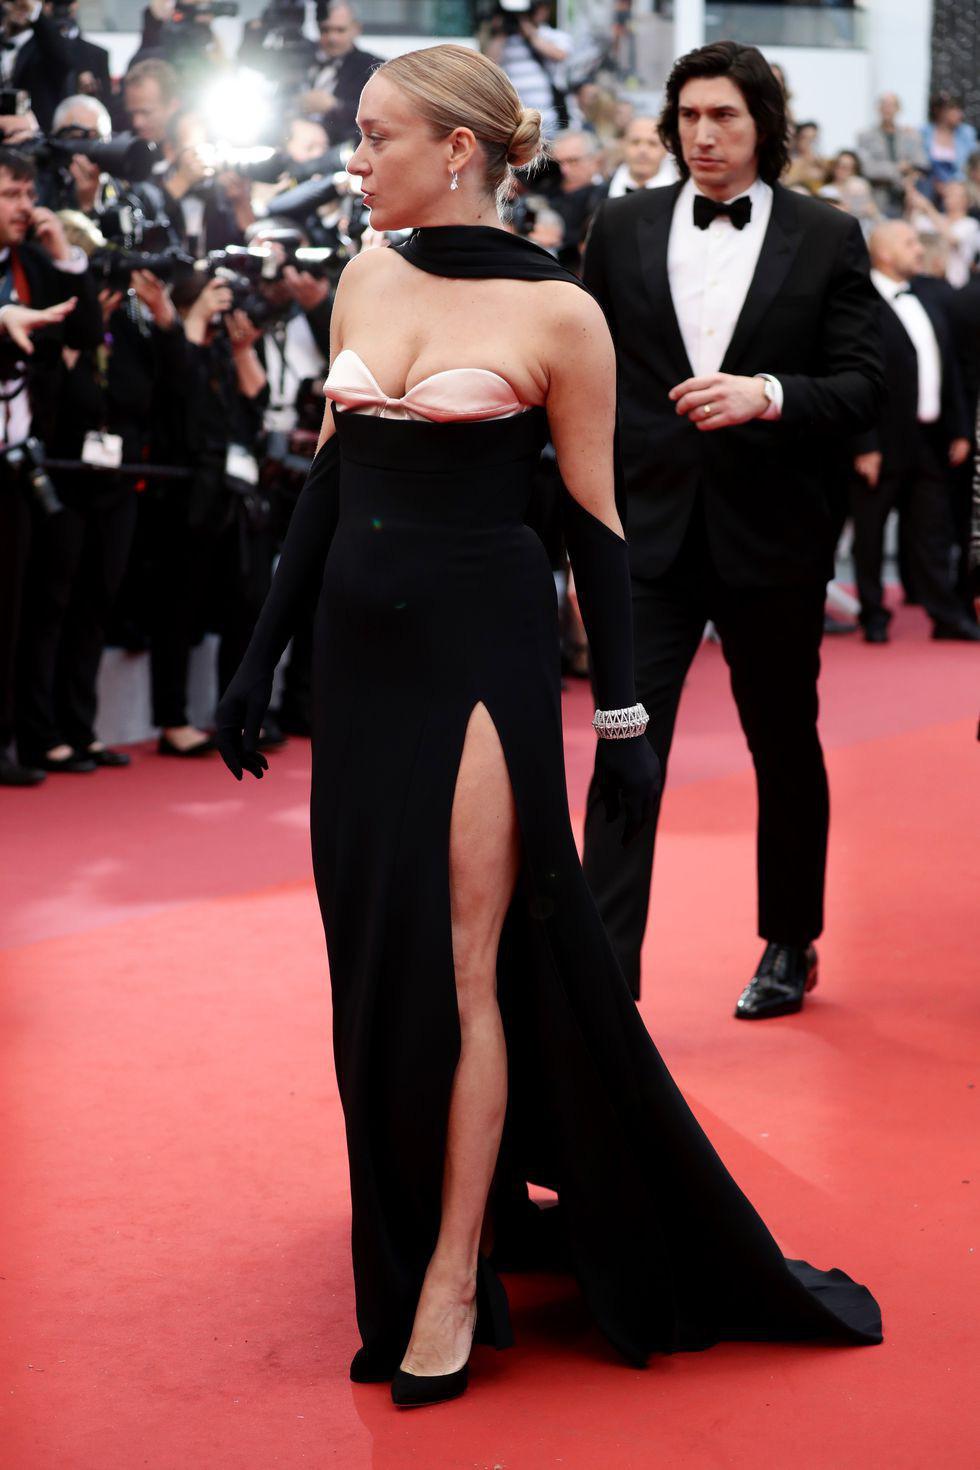 Cannes khai mạc với zombie, chính trị và bình đẳng giới - Ảnh 5.